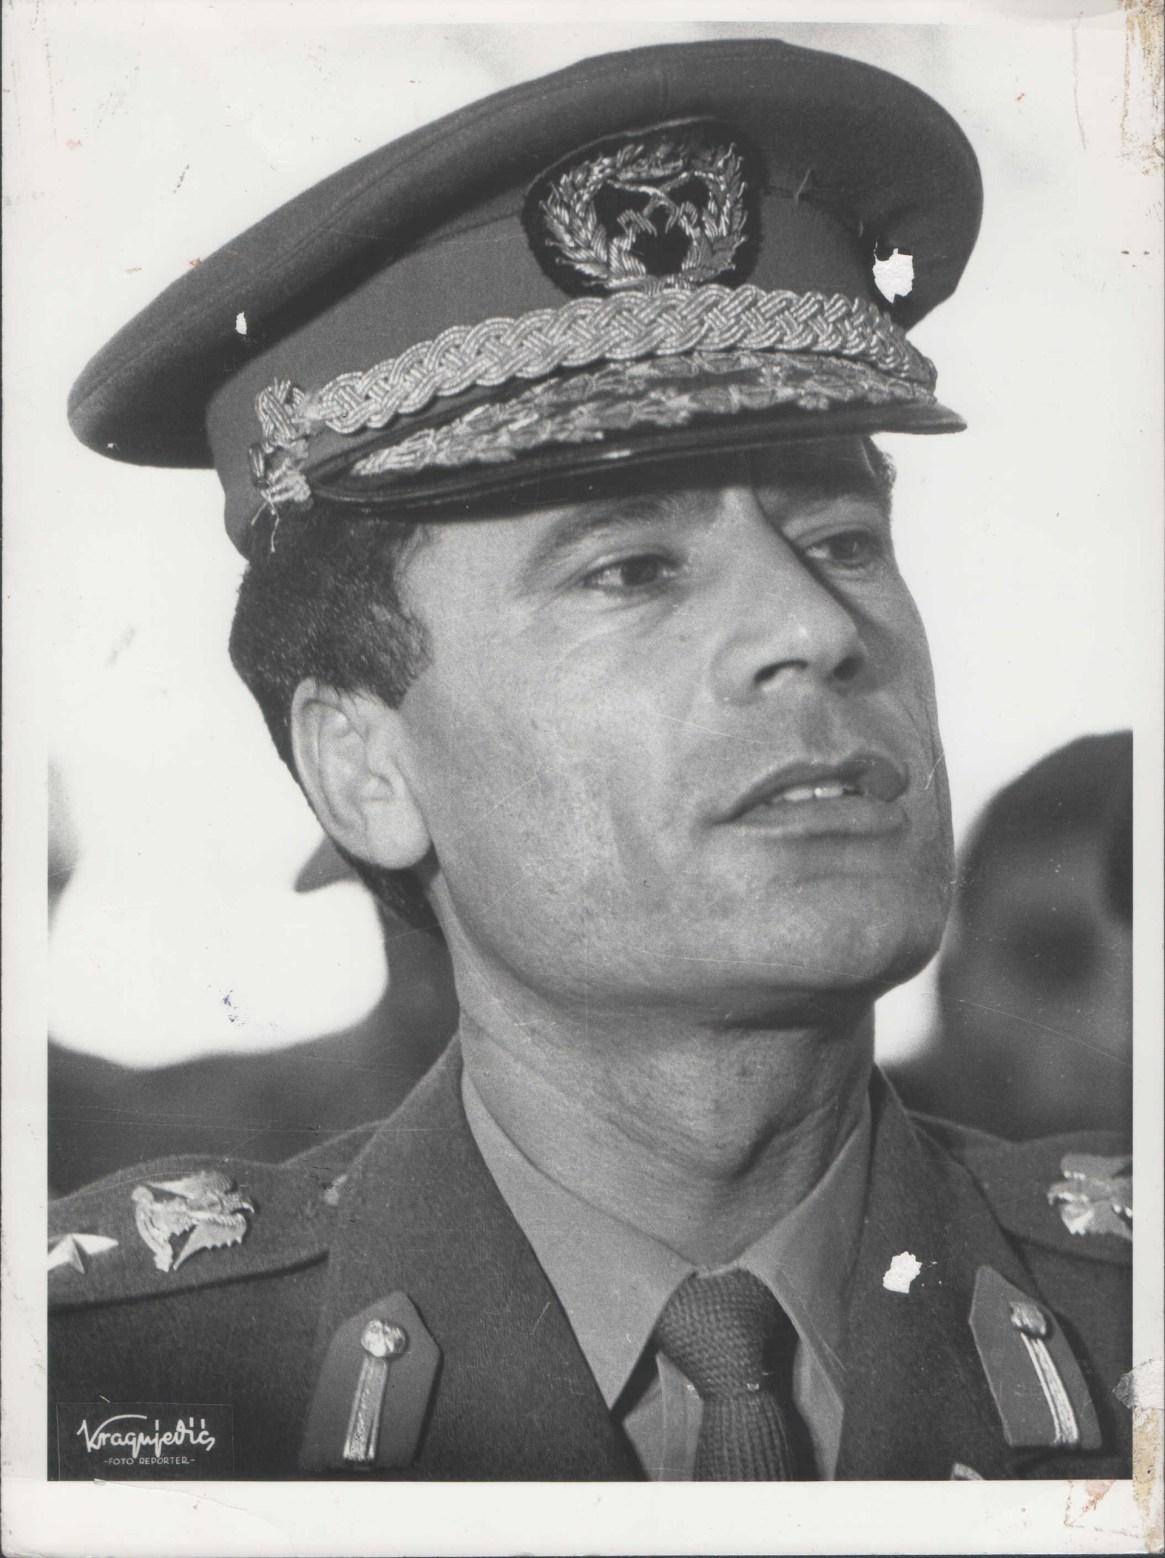 Muammar Gaddafi, poco después del golpe de Estado que lo puso al mando de Libia en 1969 (Stevan Kragujević)